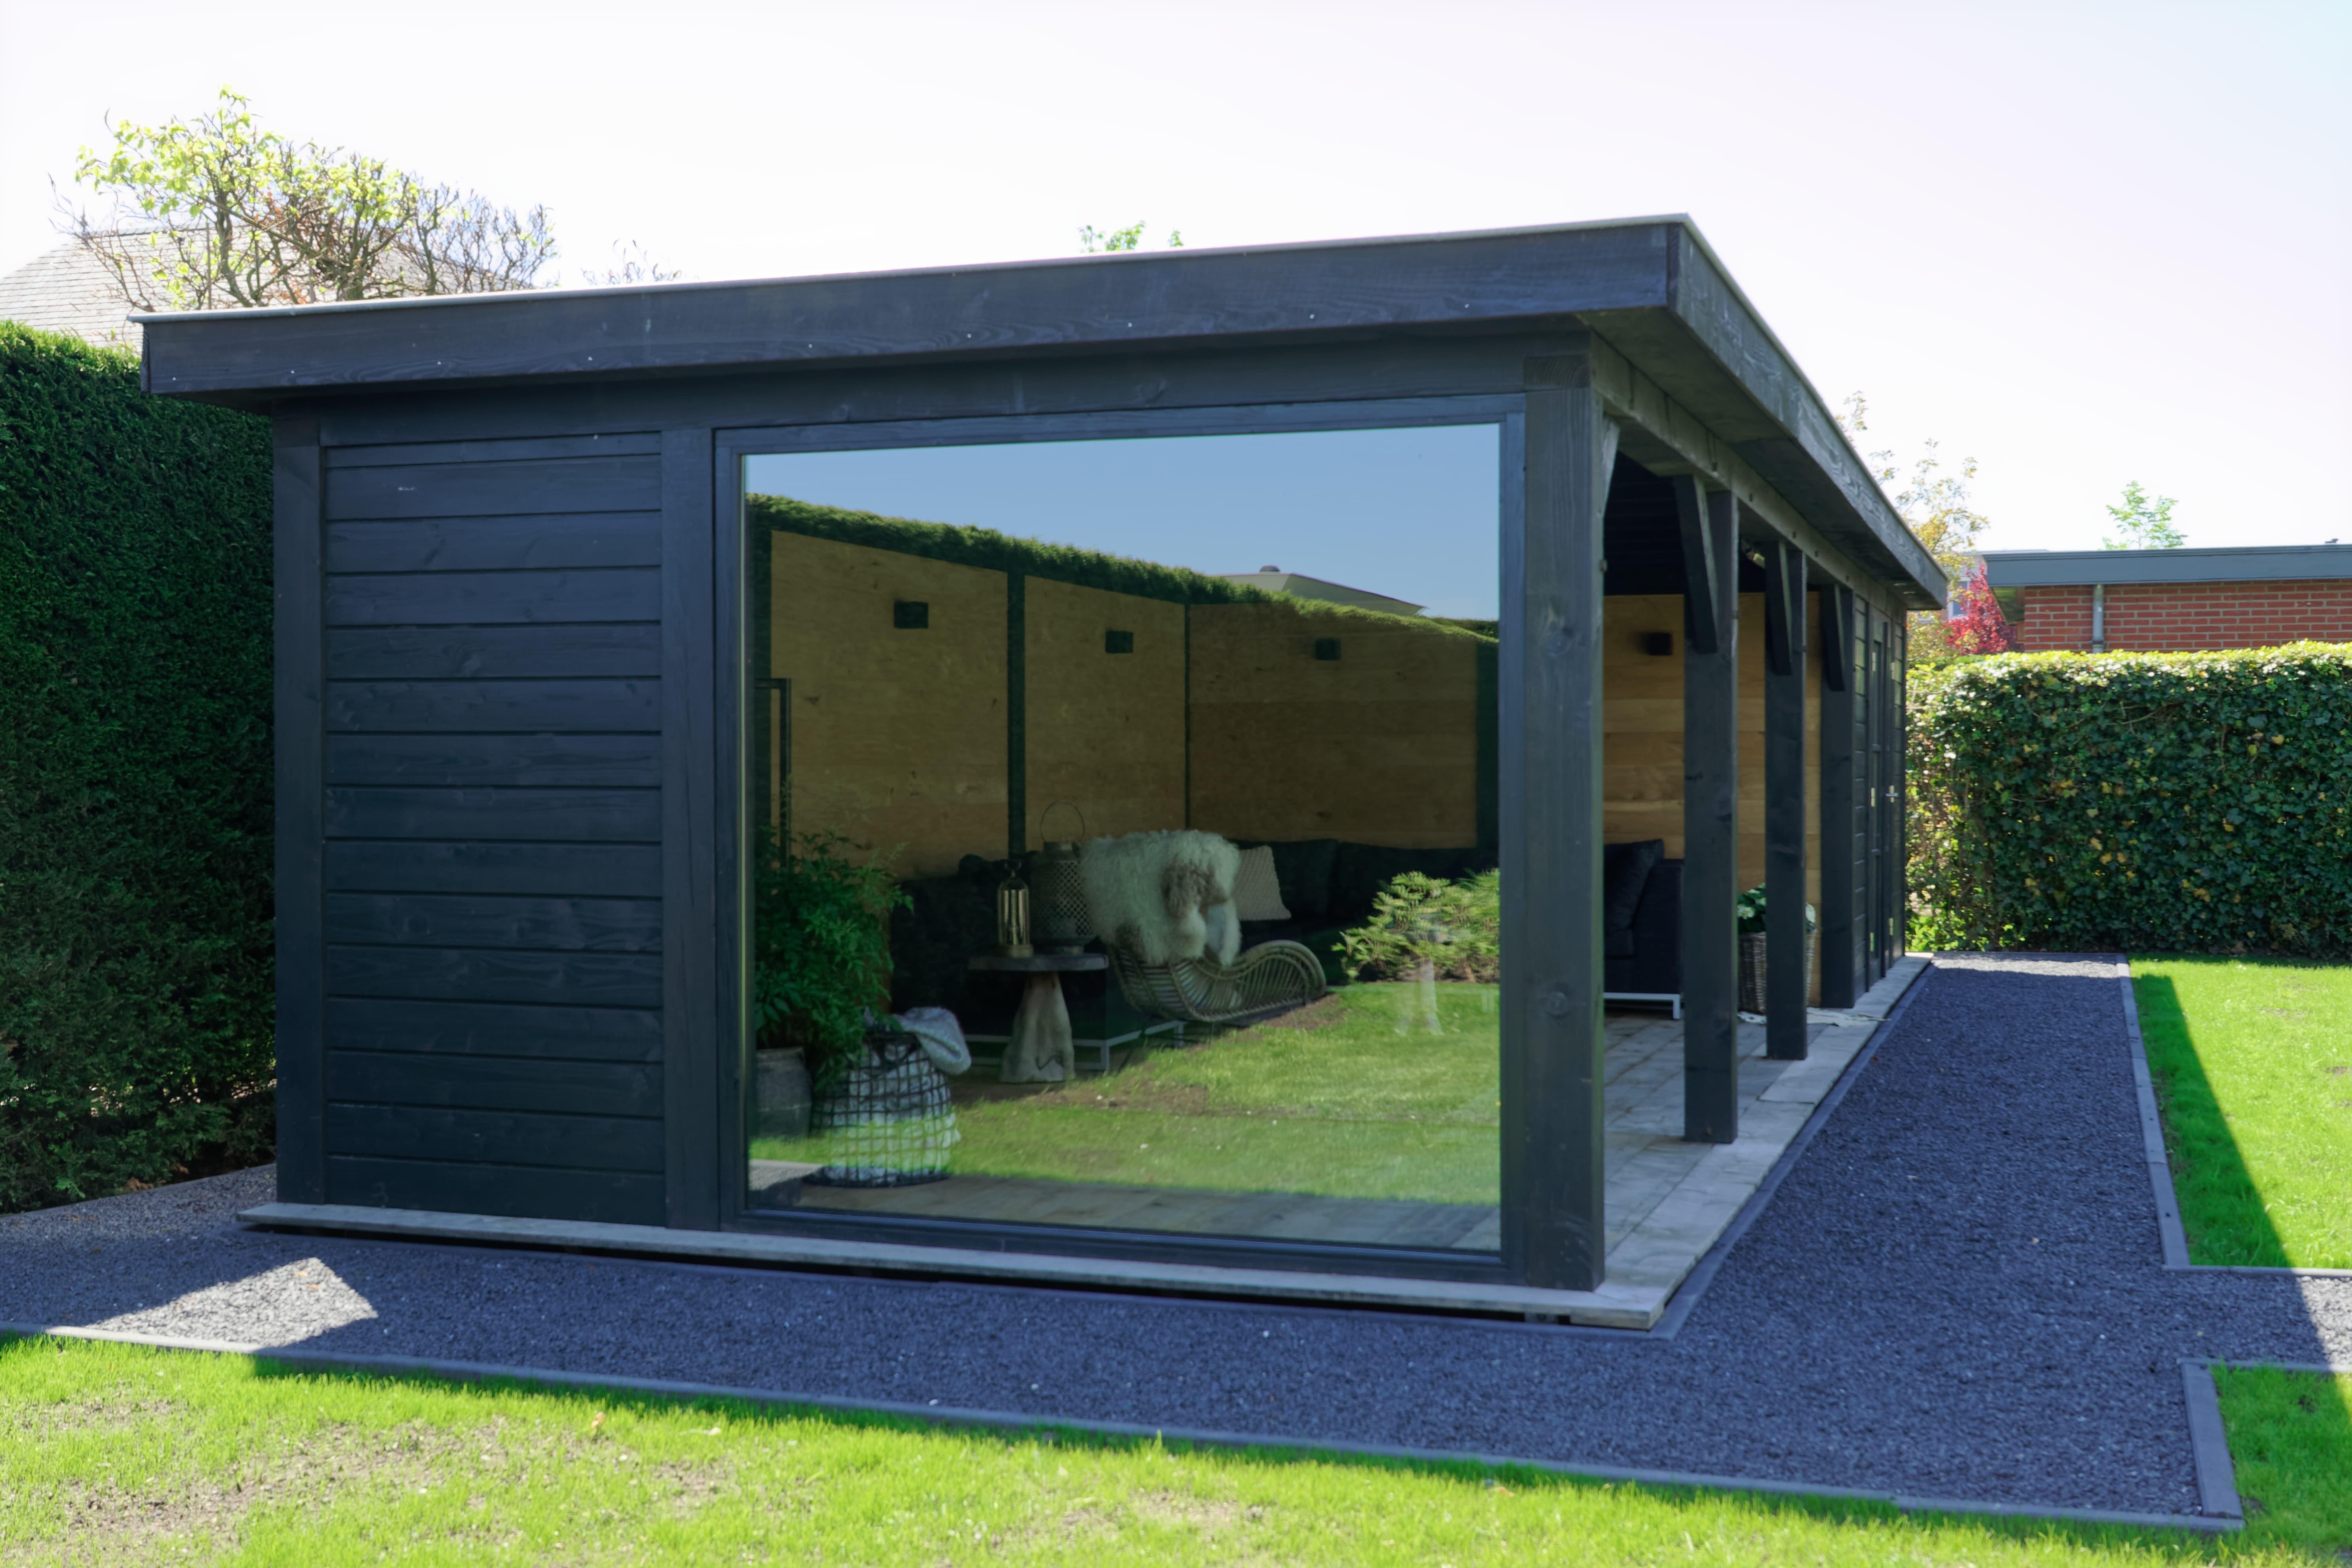 houten-tuinkamer-2 - Project Bleiswijk: Luxe tuinhuis met tuinkamer platdak.